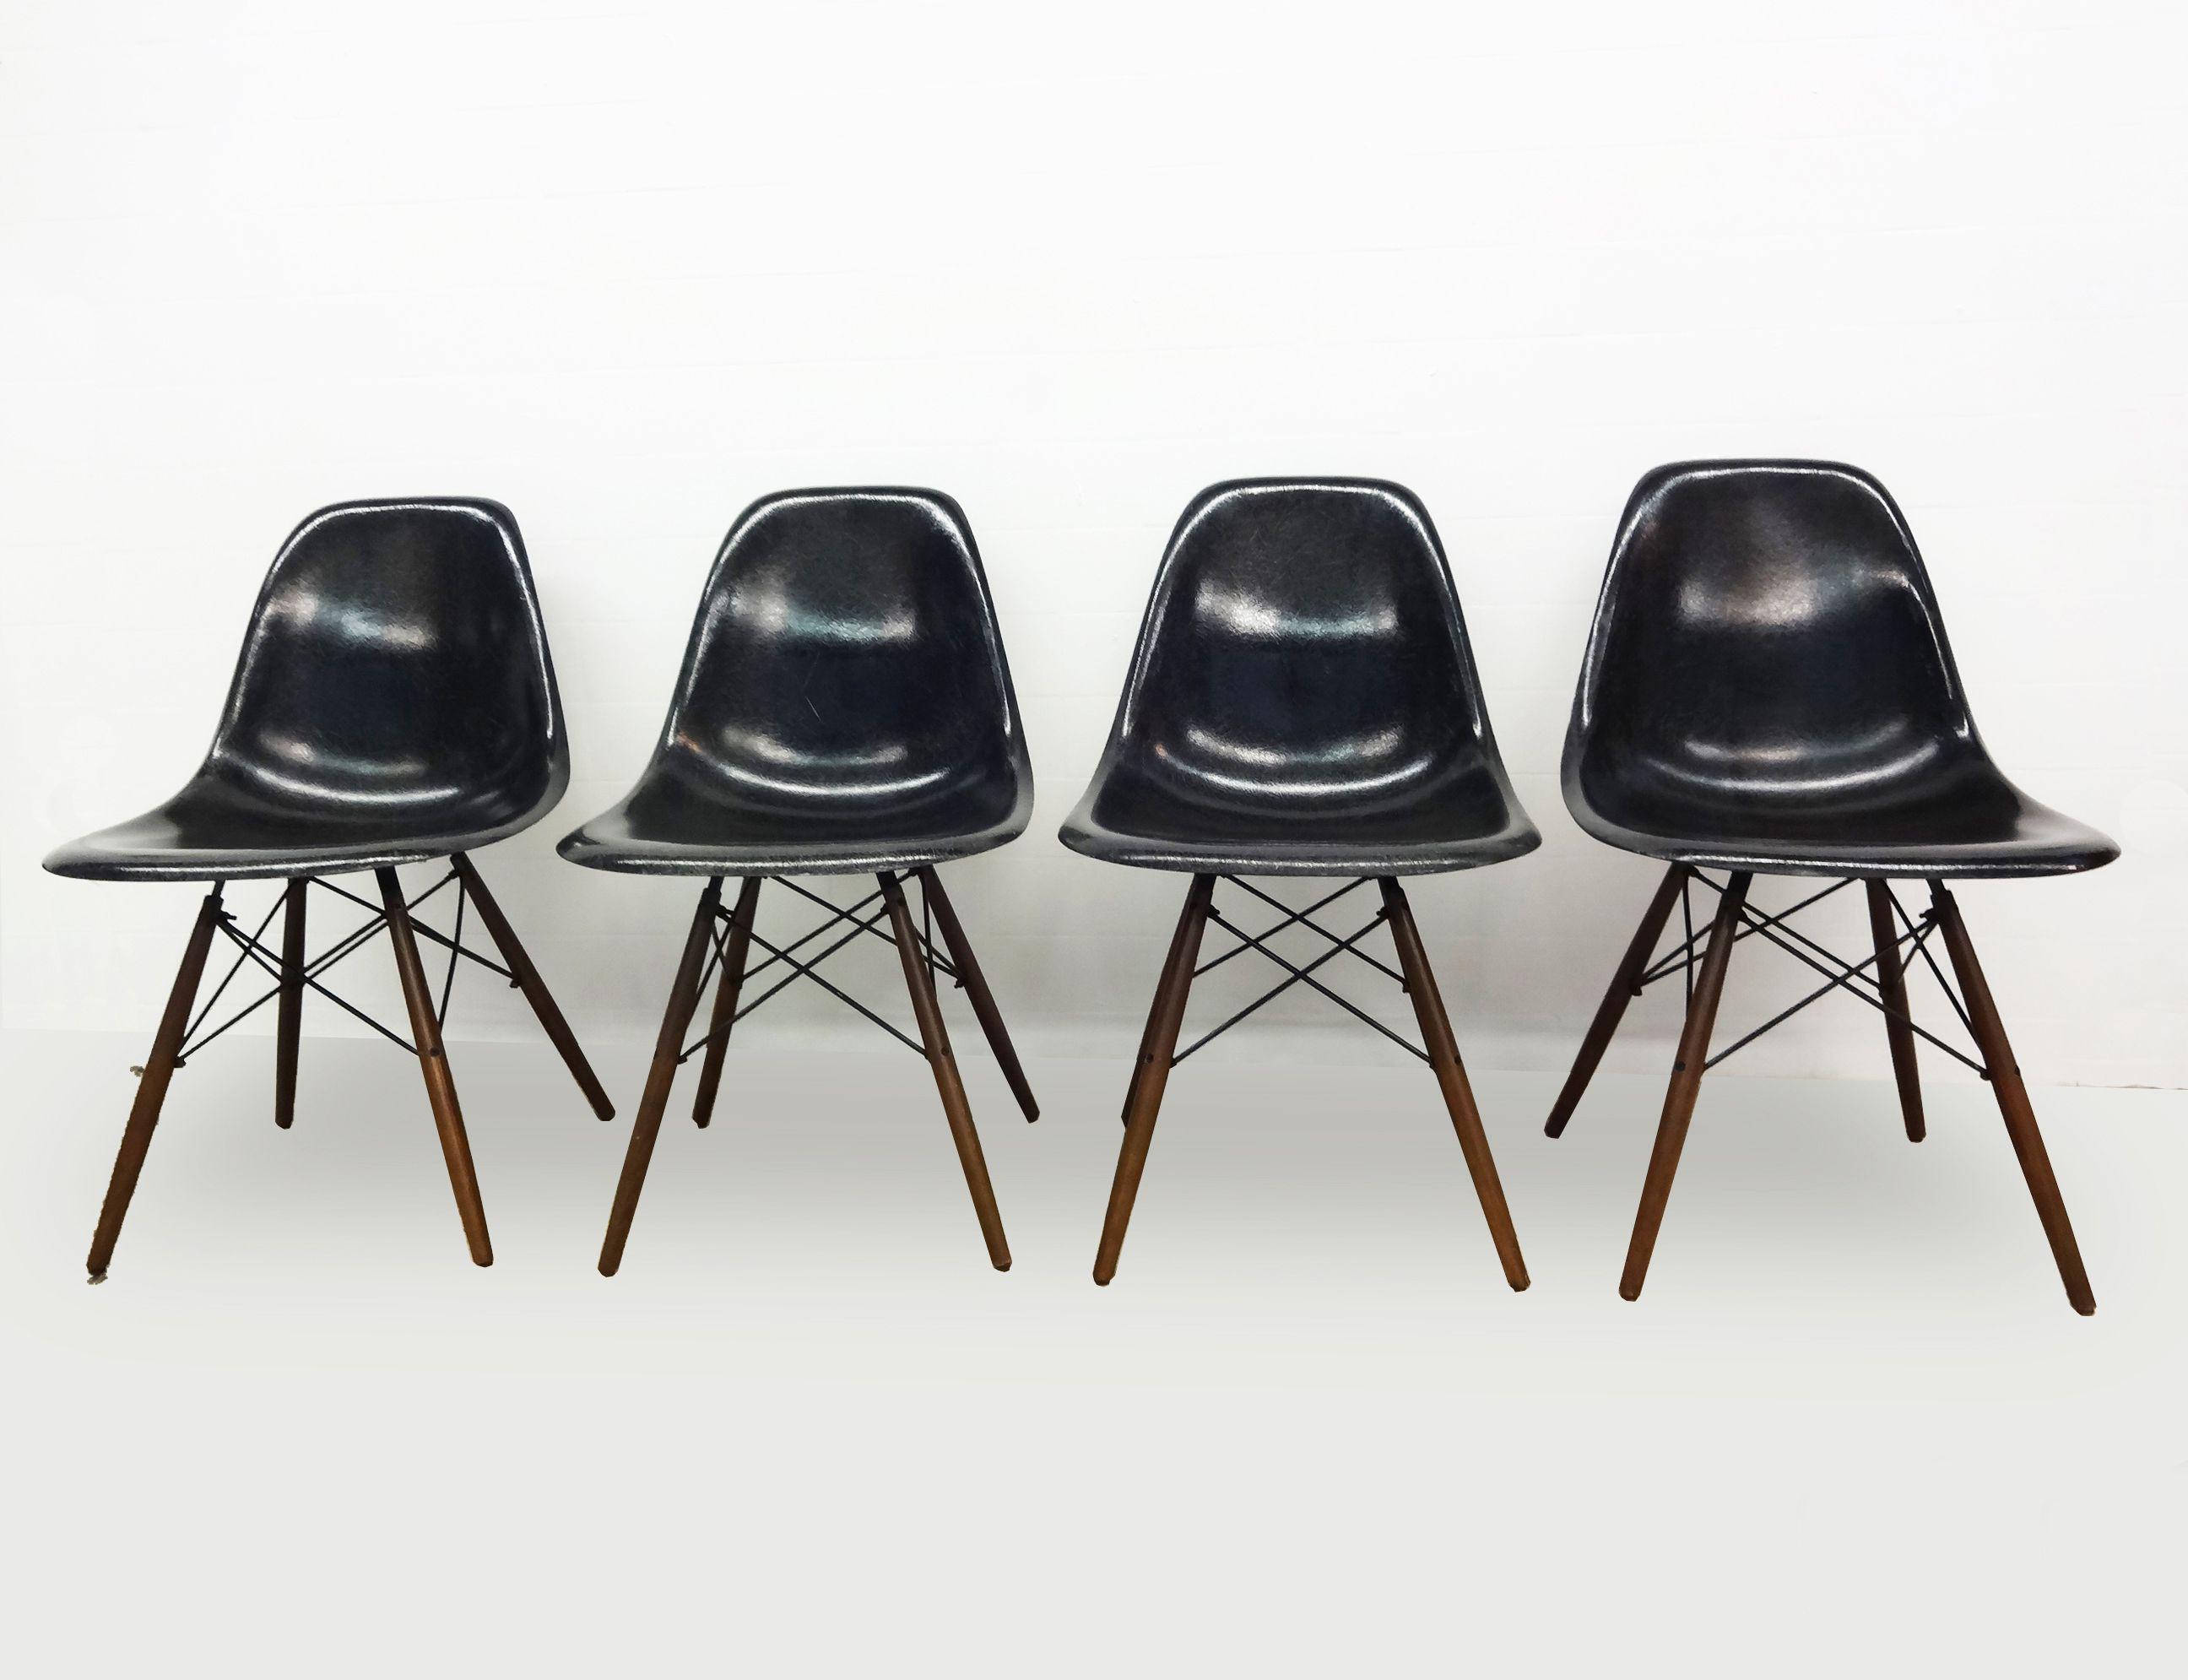 Eames Rar Stoel : Originele #charles #eames #herman miller #dsw #stoelen #glasvezel